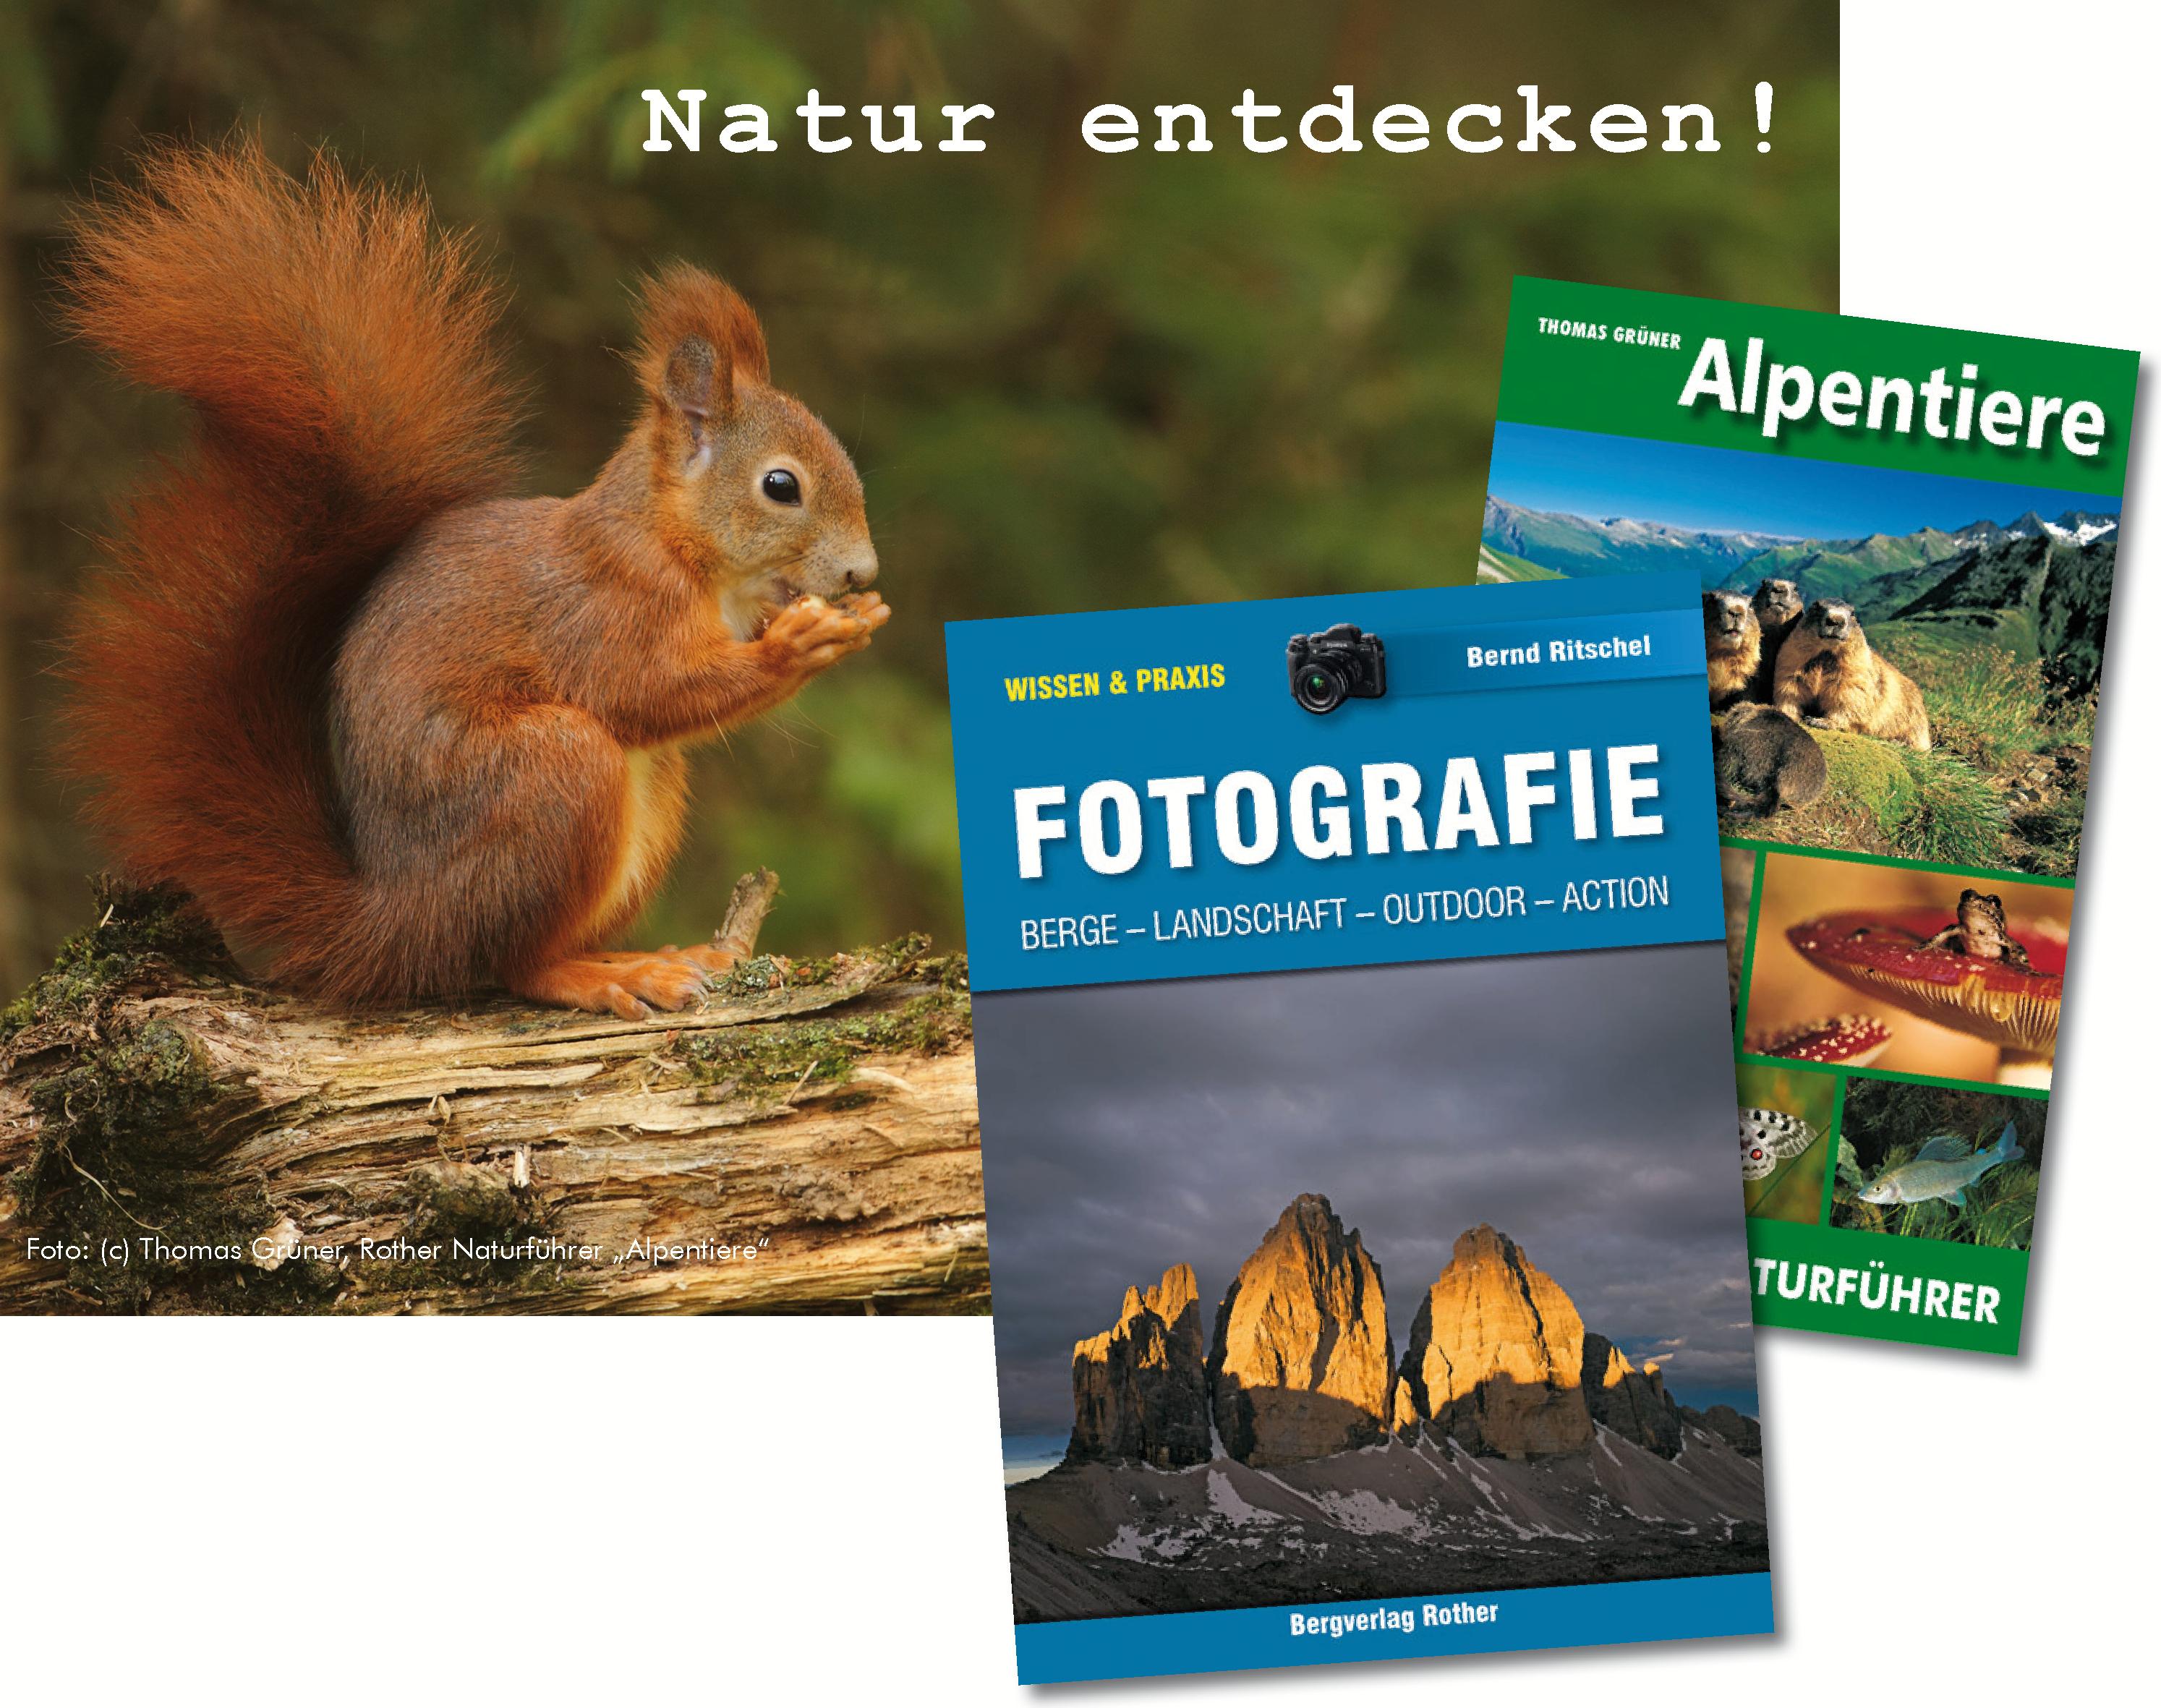 Natur entdecken_Bild